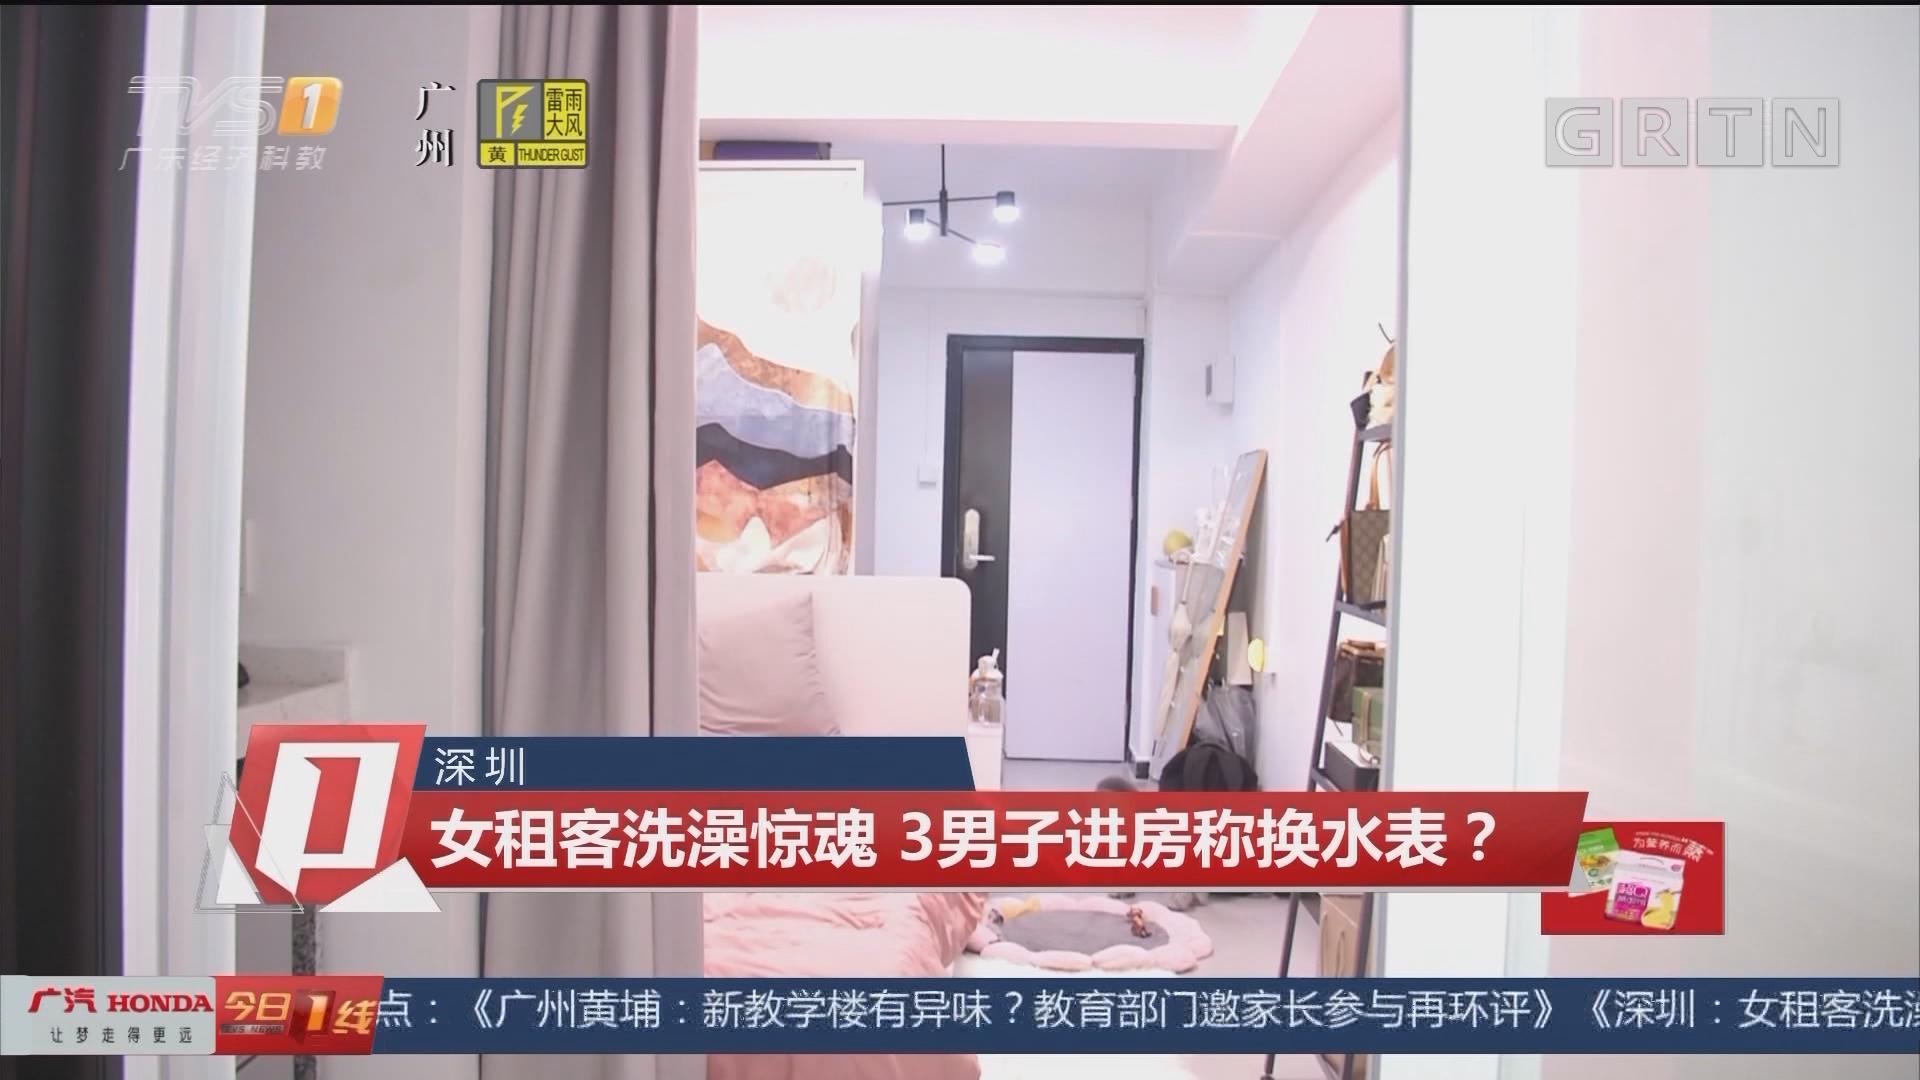 深圳:女租客洗澡惊魂 3男子进房称换水表?